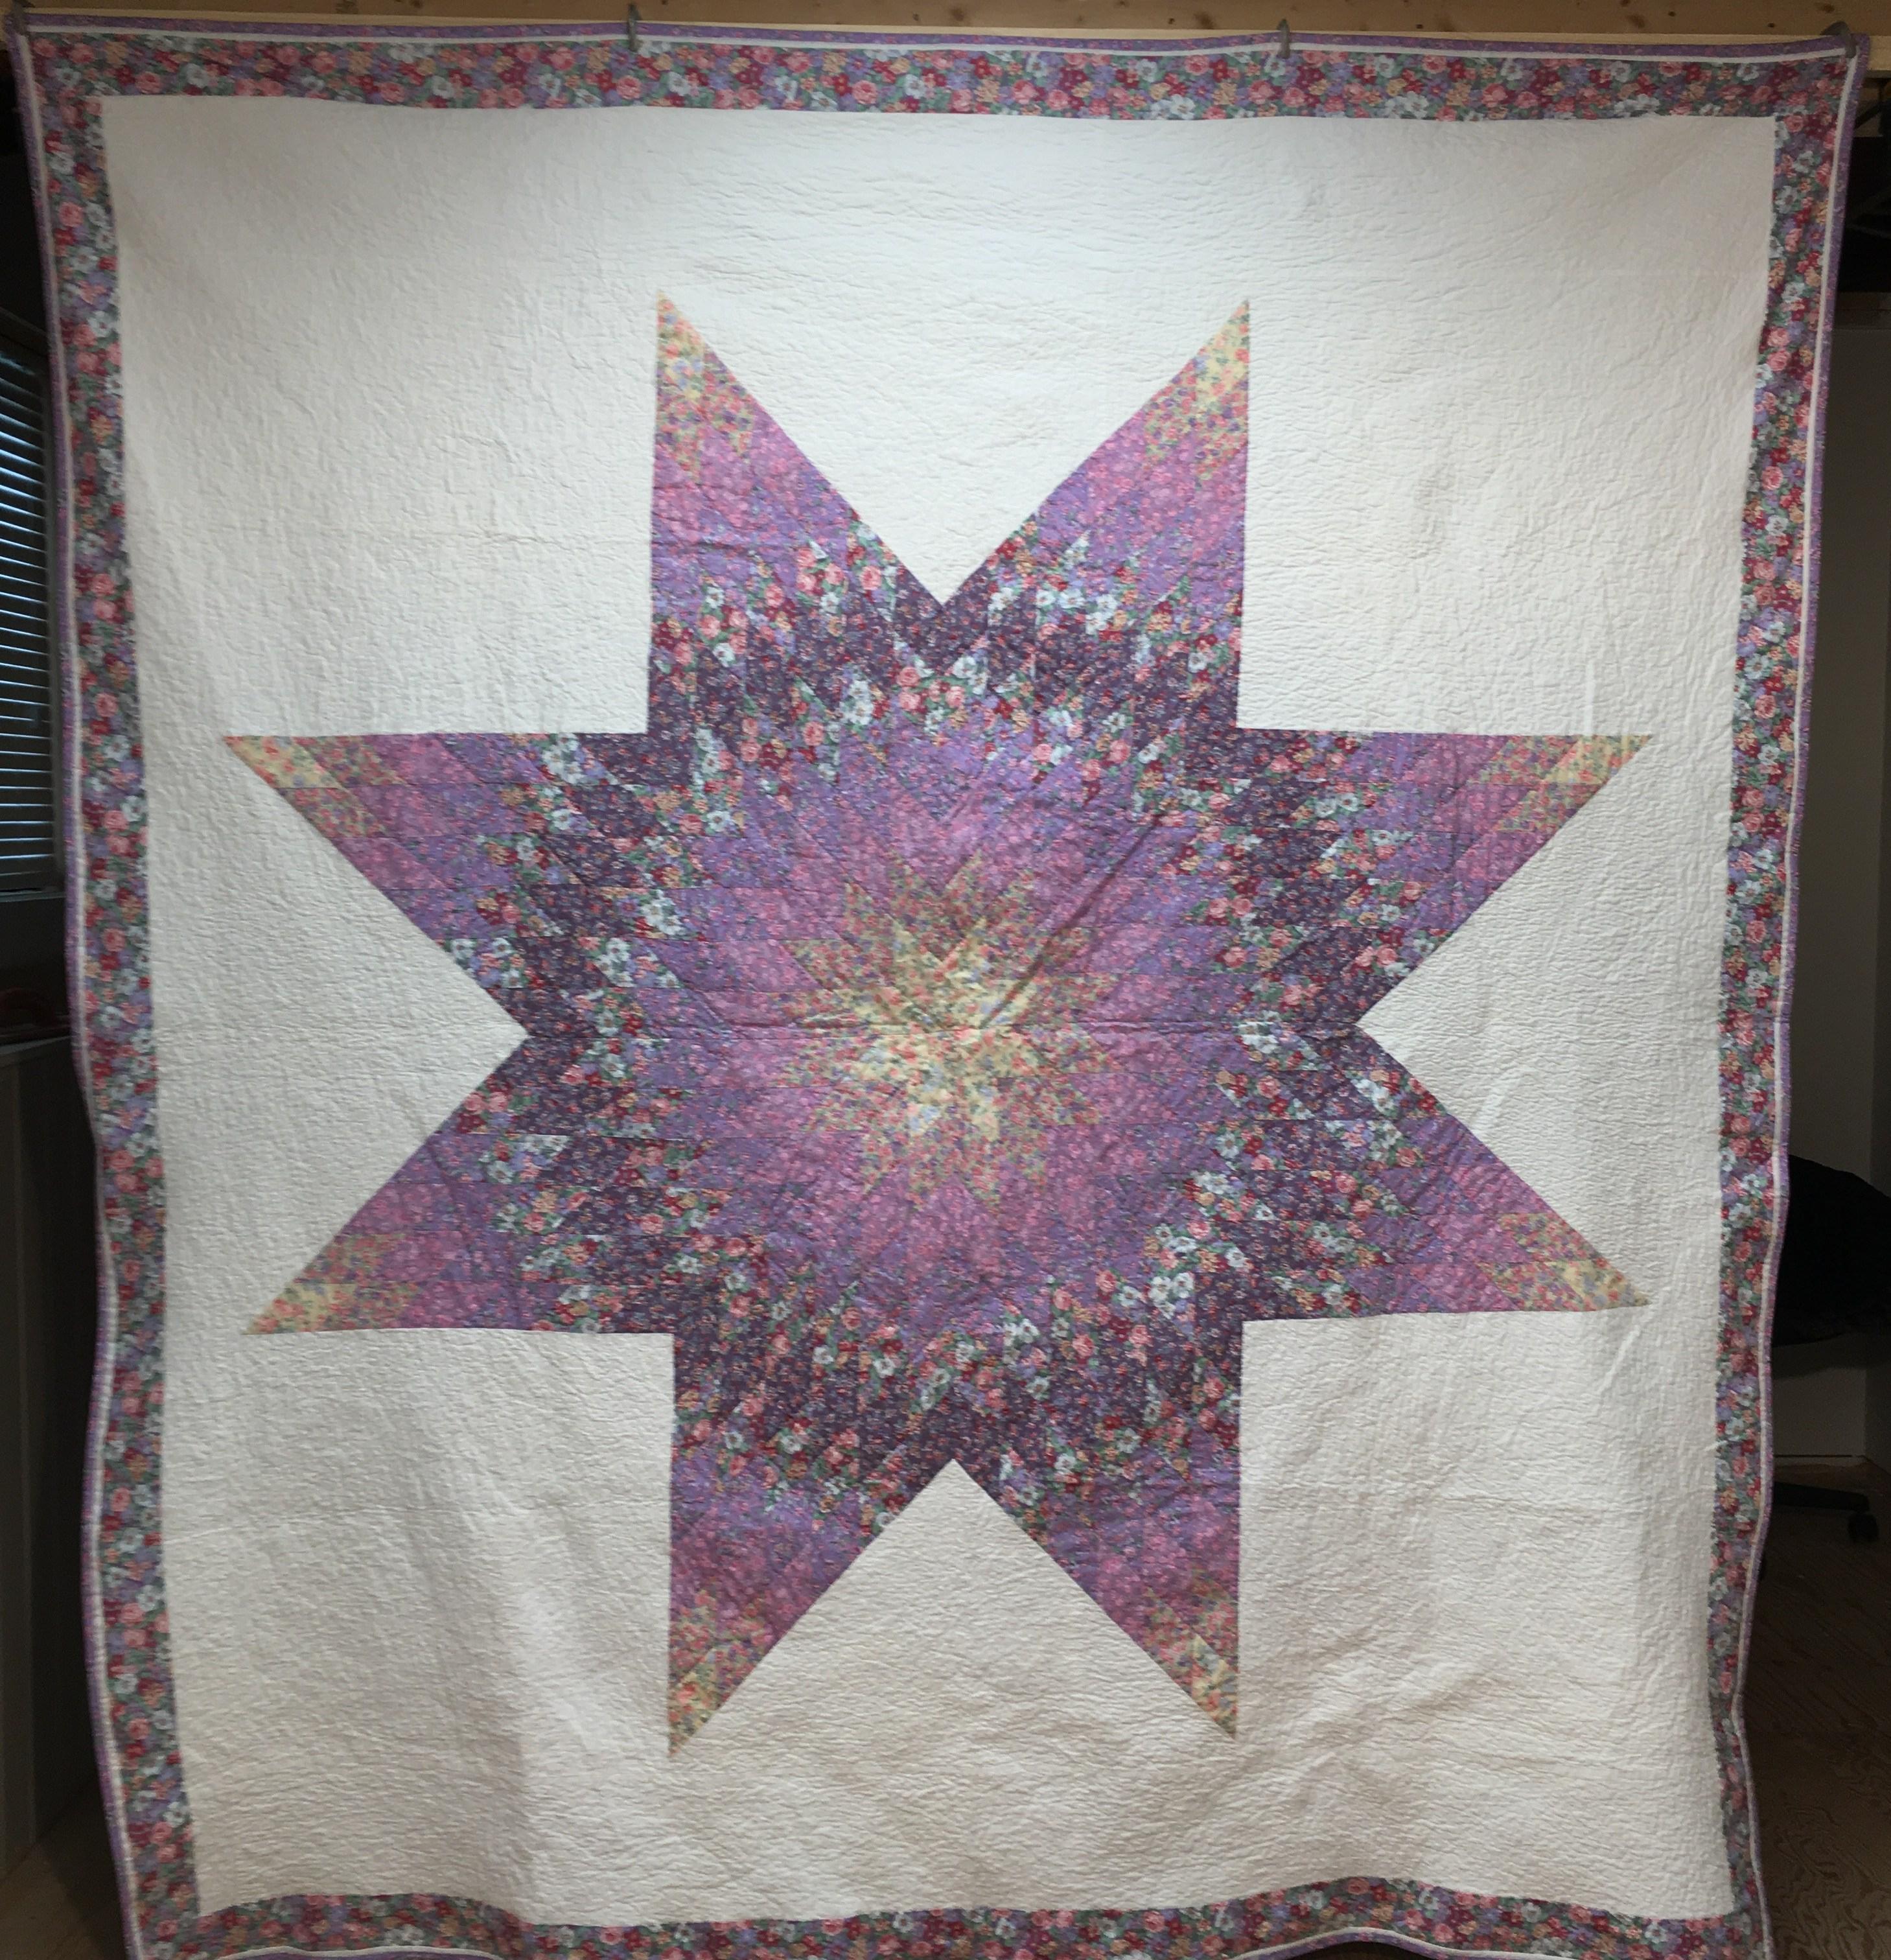 Jan's wedding quilt